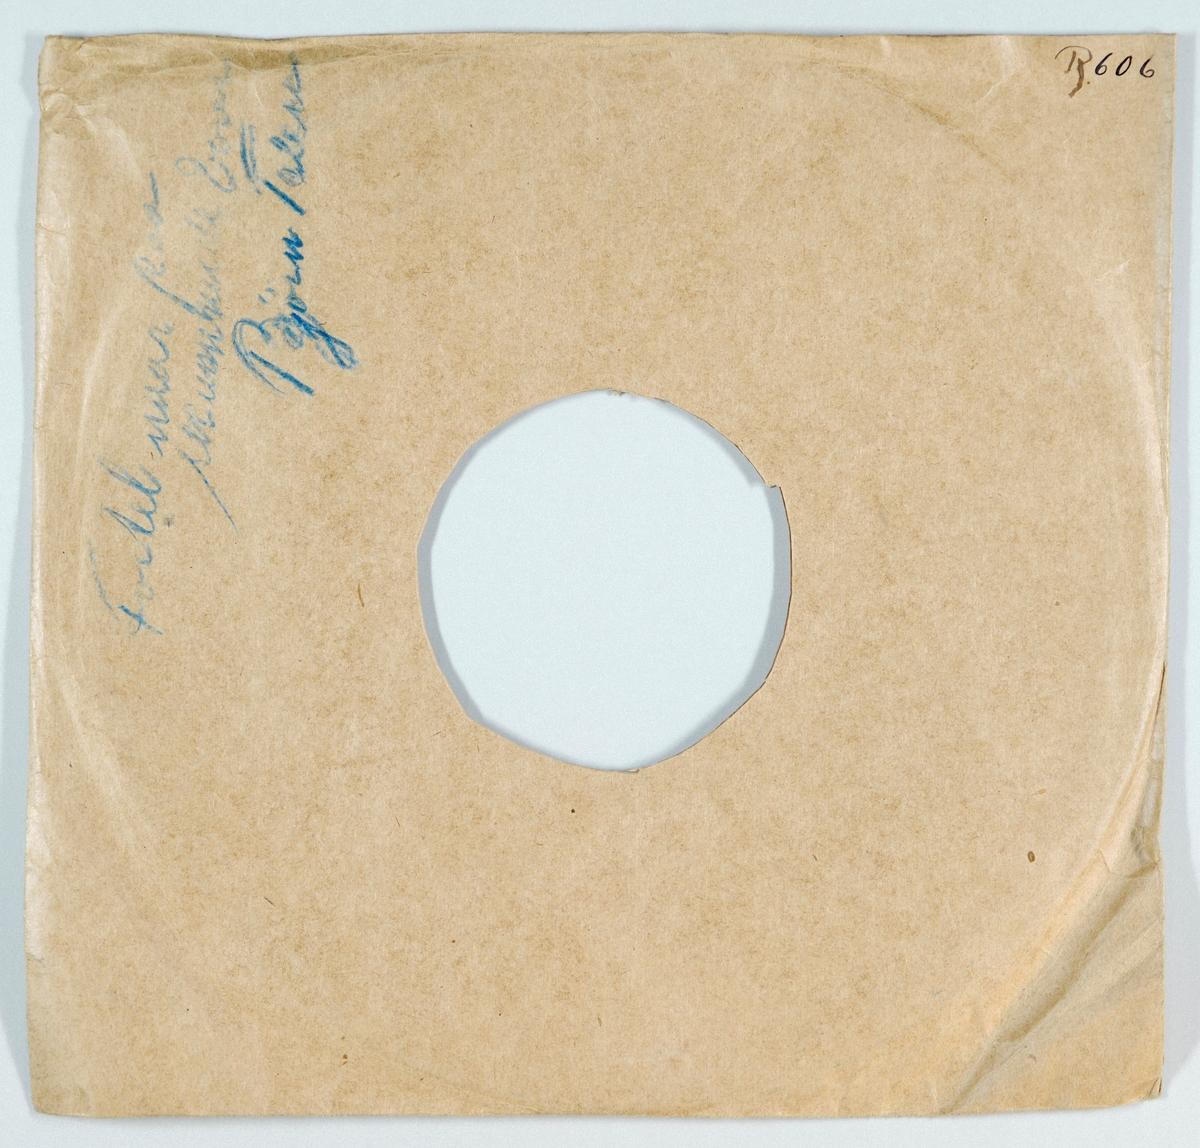 """54293.01: Svart grammofonplate laget av bakelitt og skjellak. Etiketten er grønn med skrift i gull, for tekst se """"Påført tekst/merker"""". På etiketten er det trykt en engel i gull som sitter på en grammofonplate med en fjærpenn.  54293.02: Plateomslaget til platen er laget av brunt papir som er limt. Det er påskrift på den ene siden. Omslaget har nok opprinnelig vært brukt på FTT.54255."""